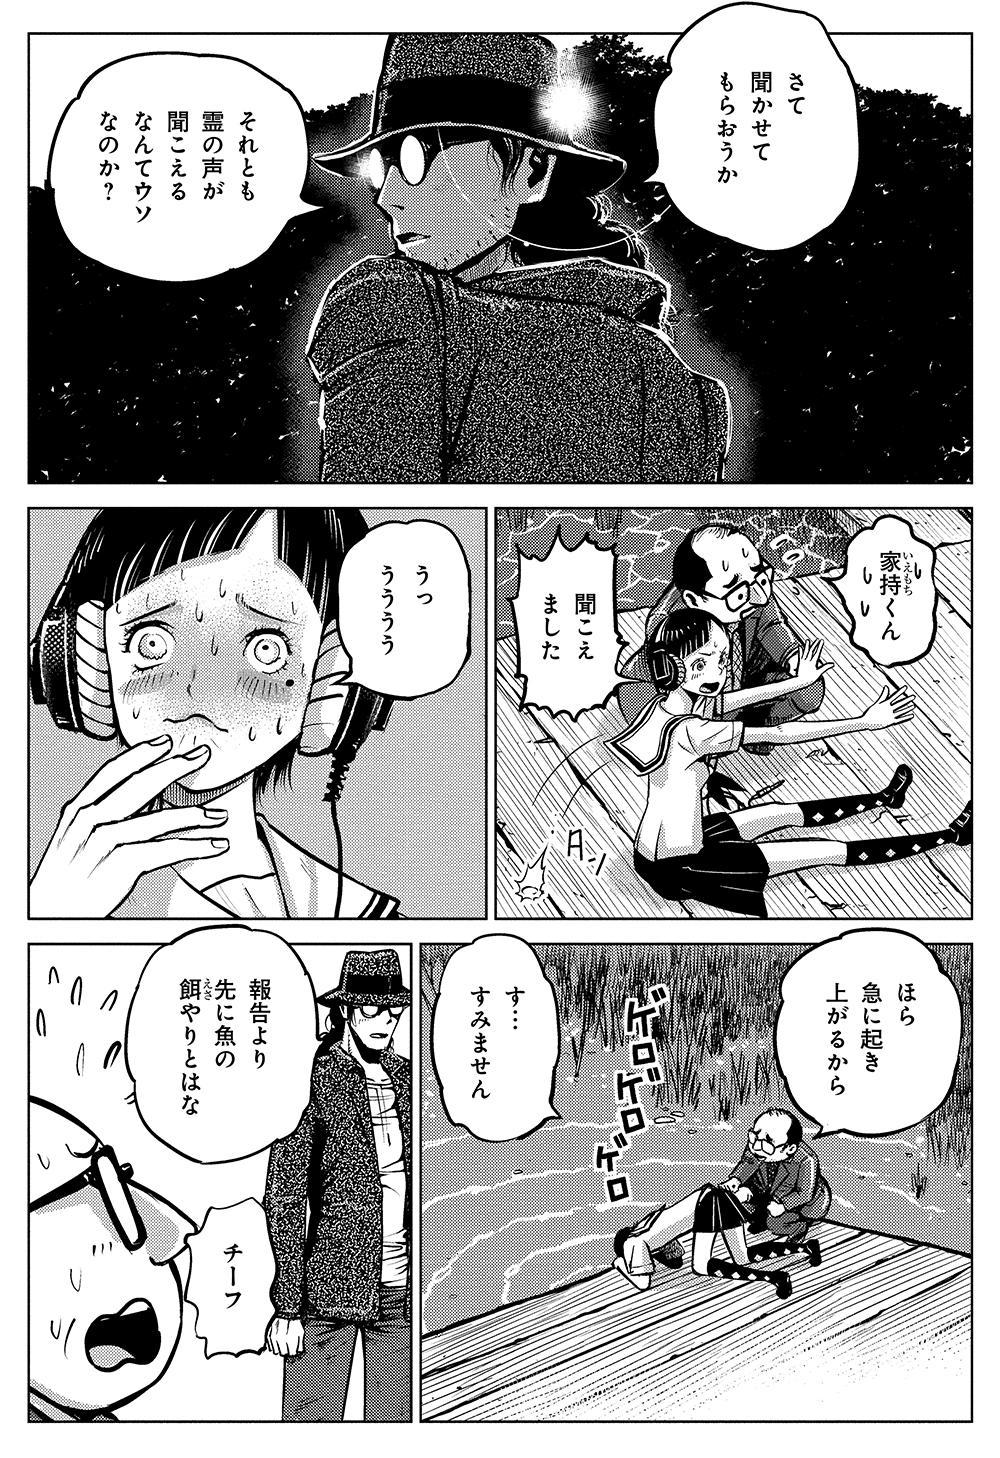 ことなかれ 第3話「革仔玉」①kotonakare01-11.jpg